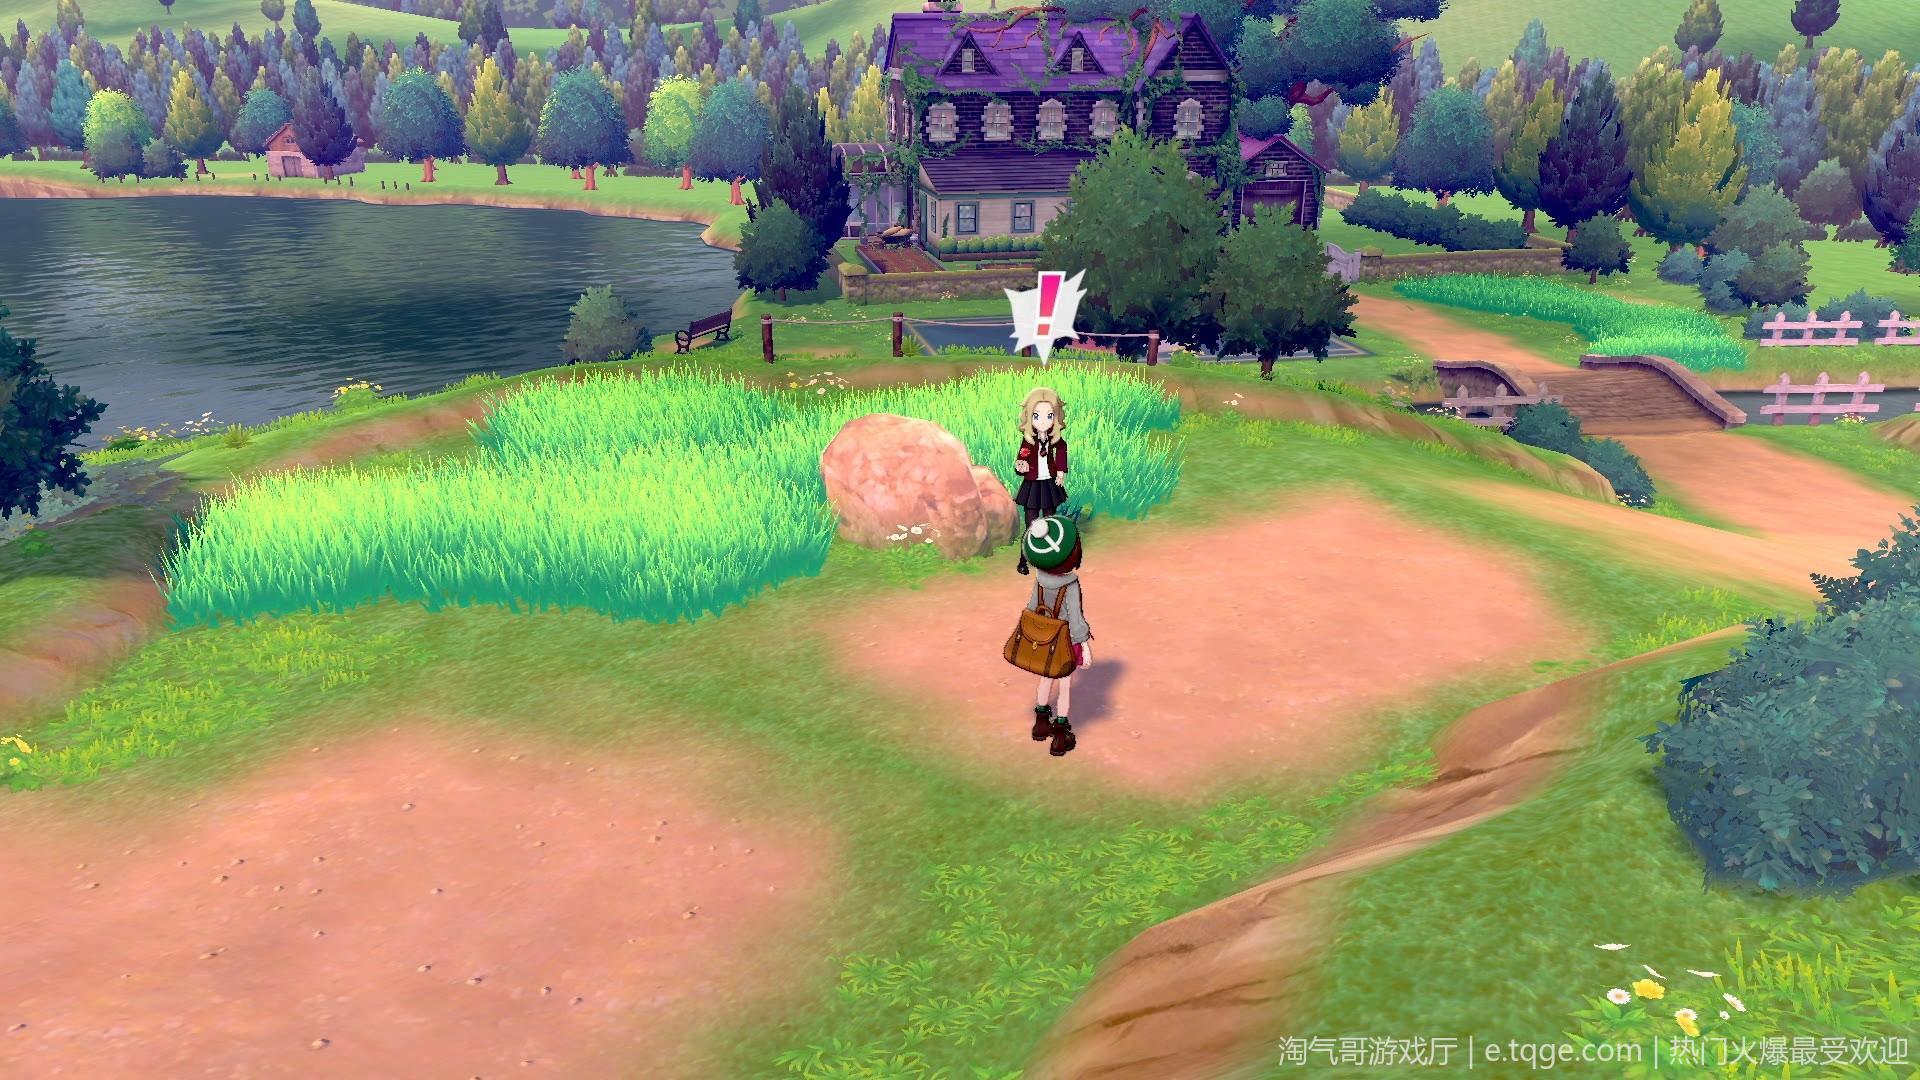 口袋妖怪剑盾/精灵宝可梦剑盾 热门游戏 第2张